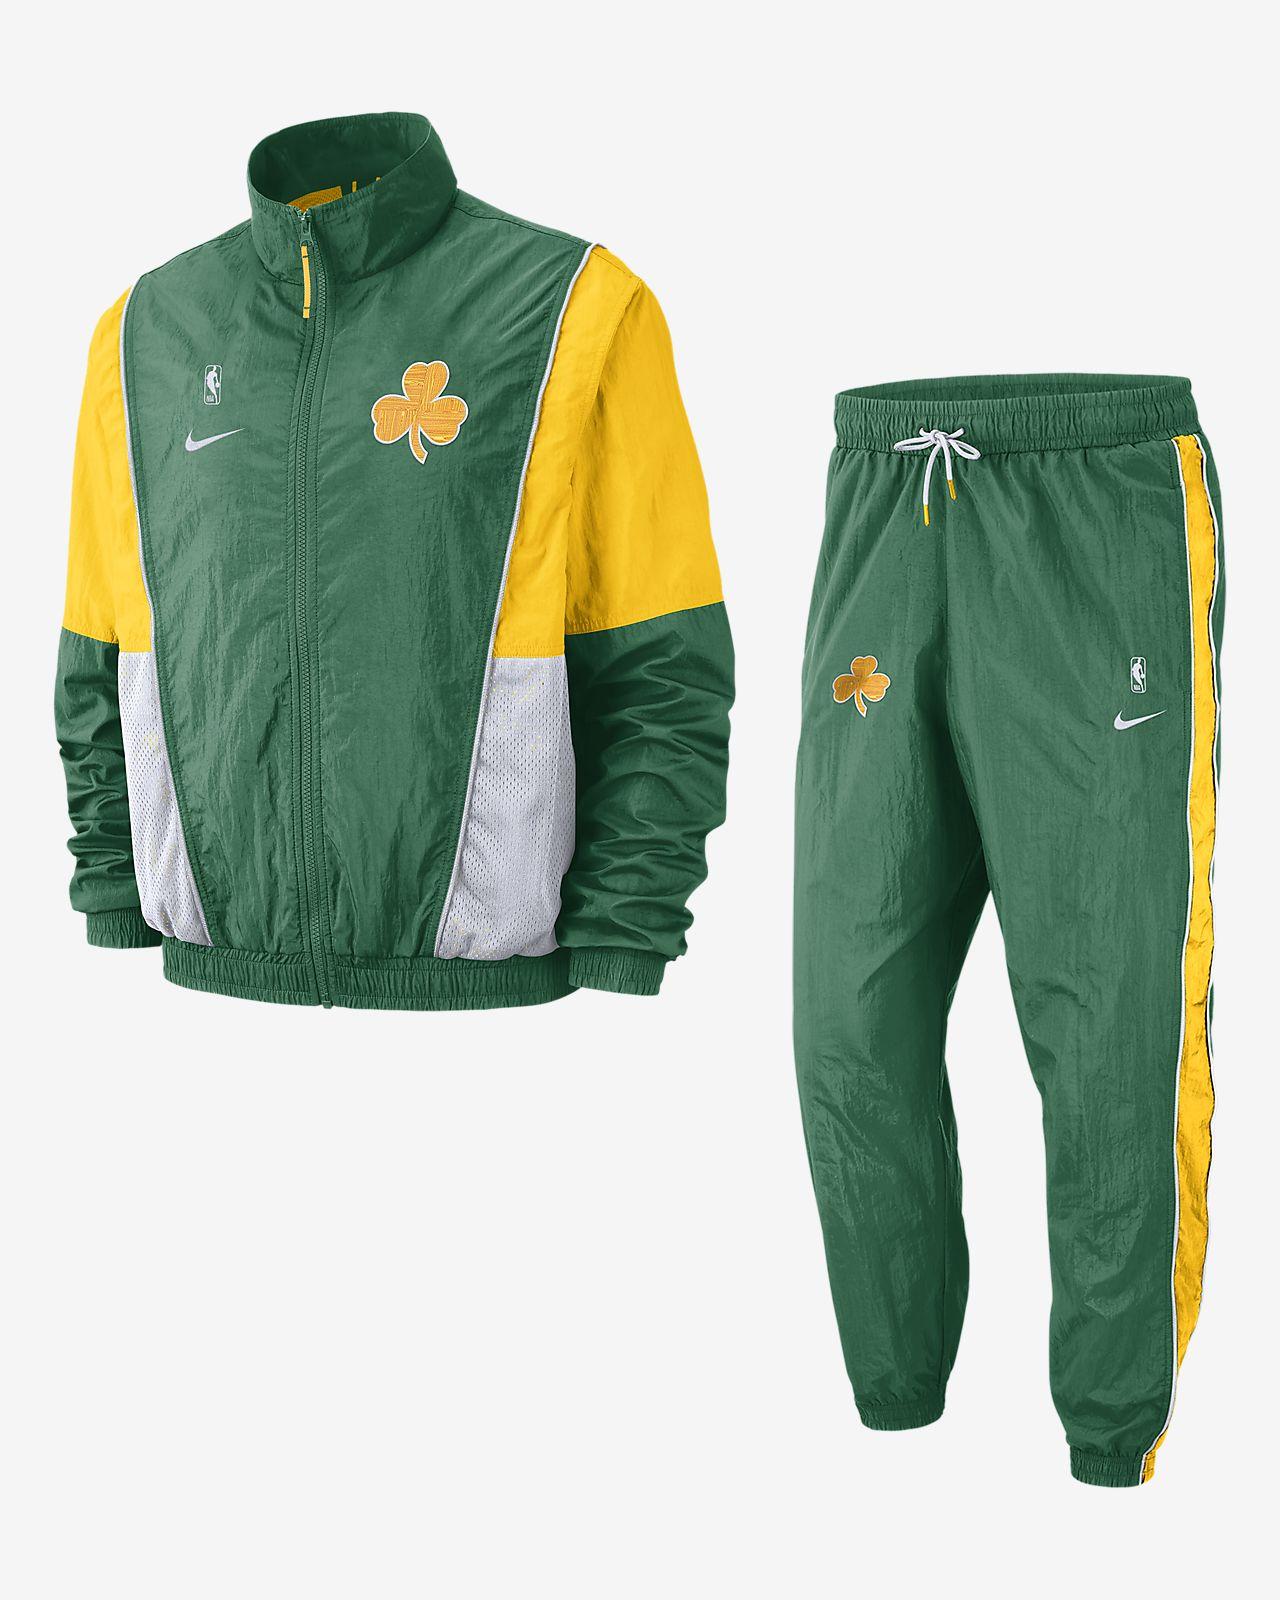 fb753d9a8 Boston Celtics Nike Men s NBA Tracksuit. Nike.com GB